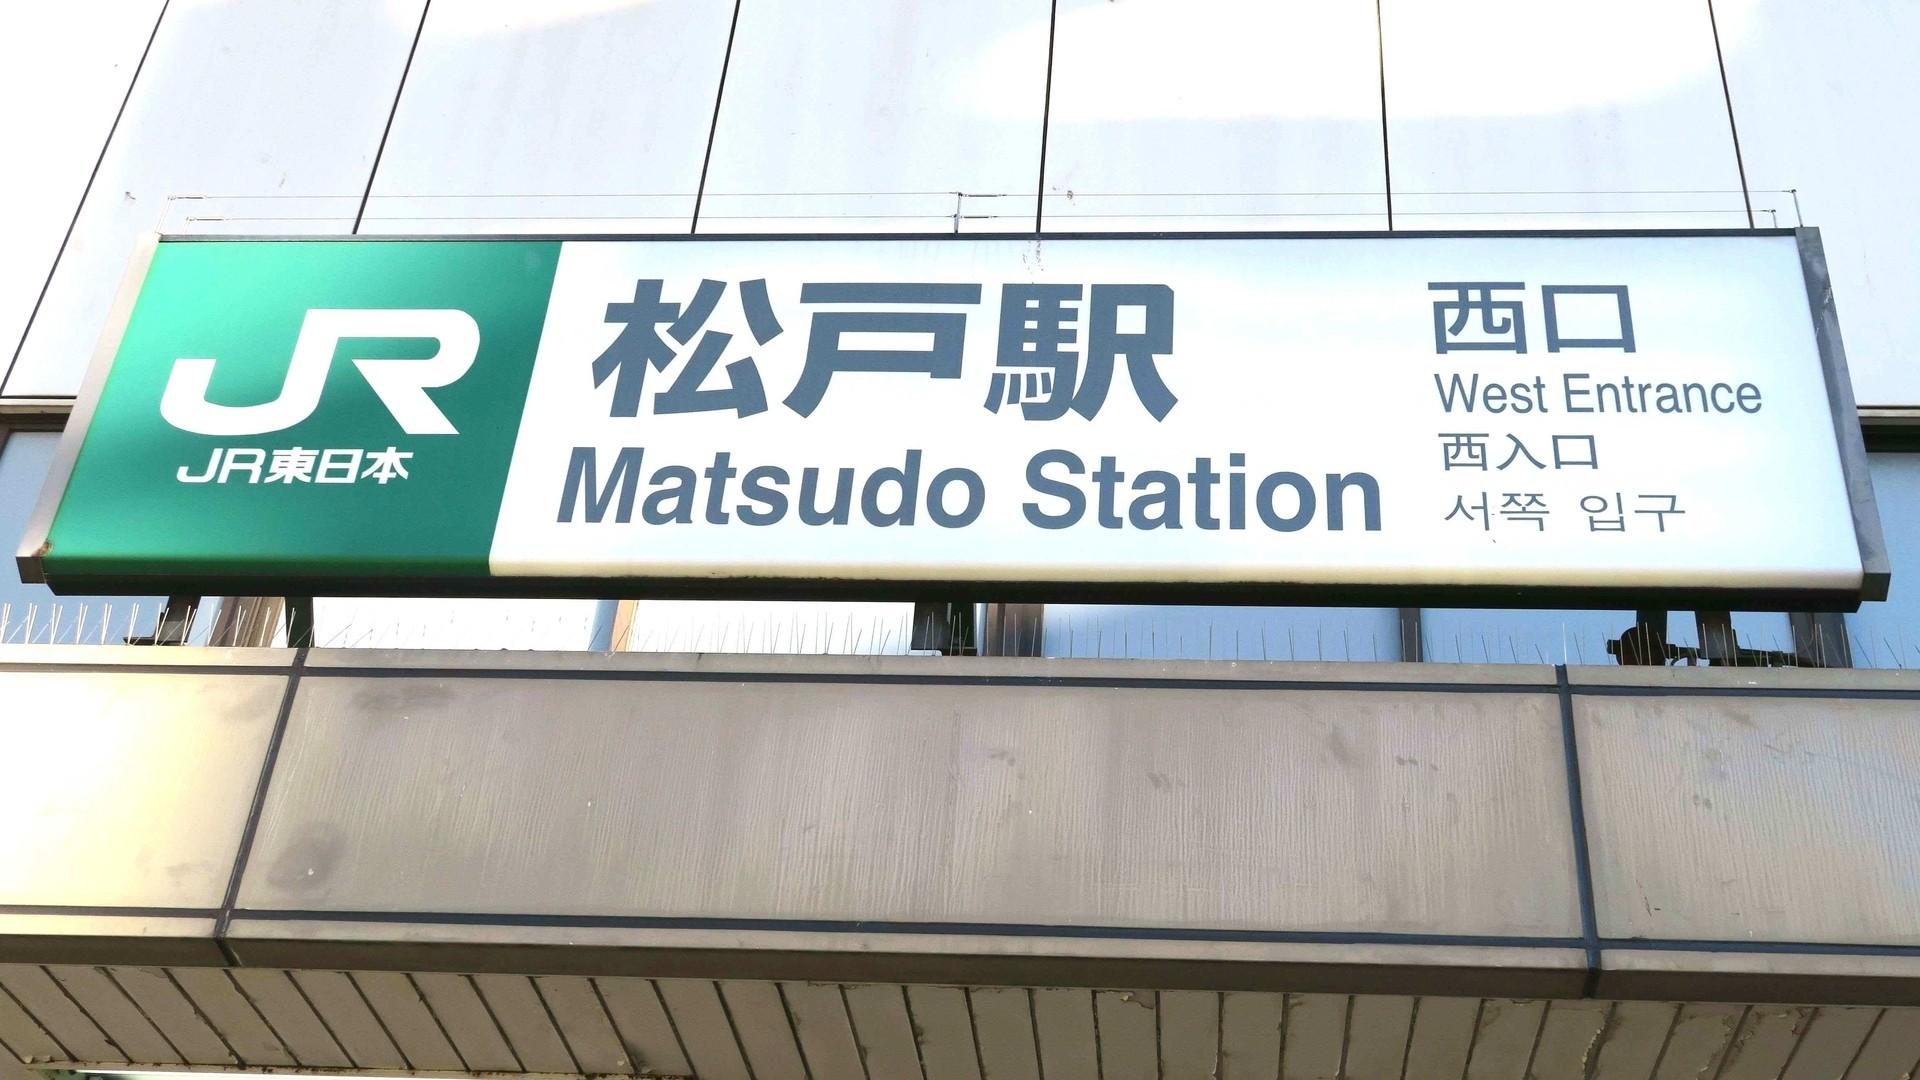 松戸 ゴールド ラッシュ